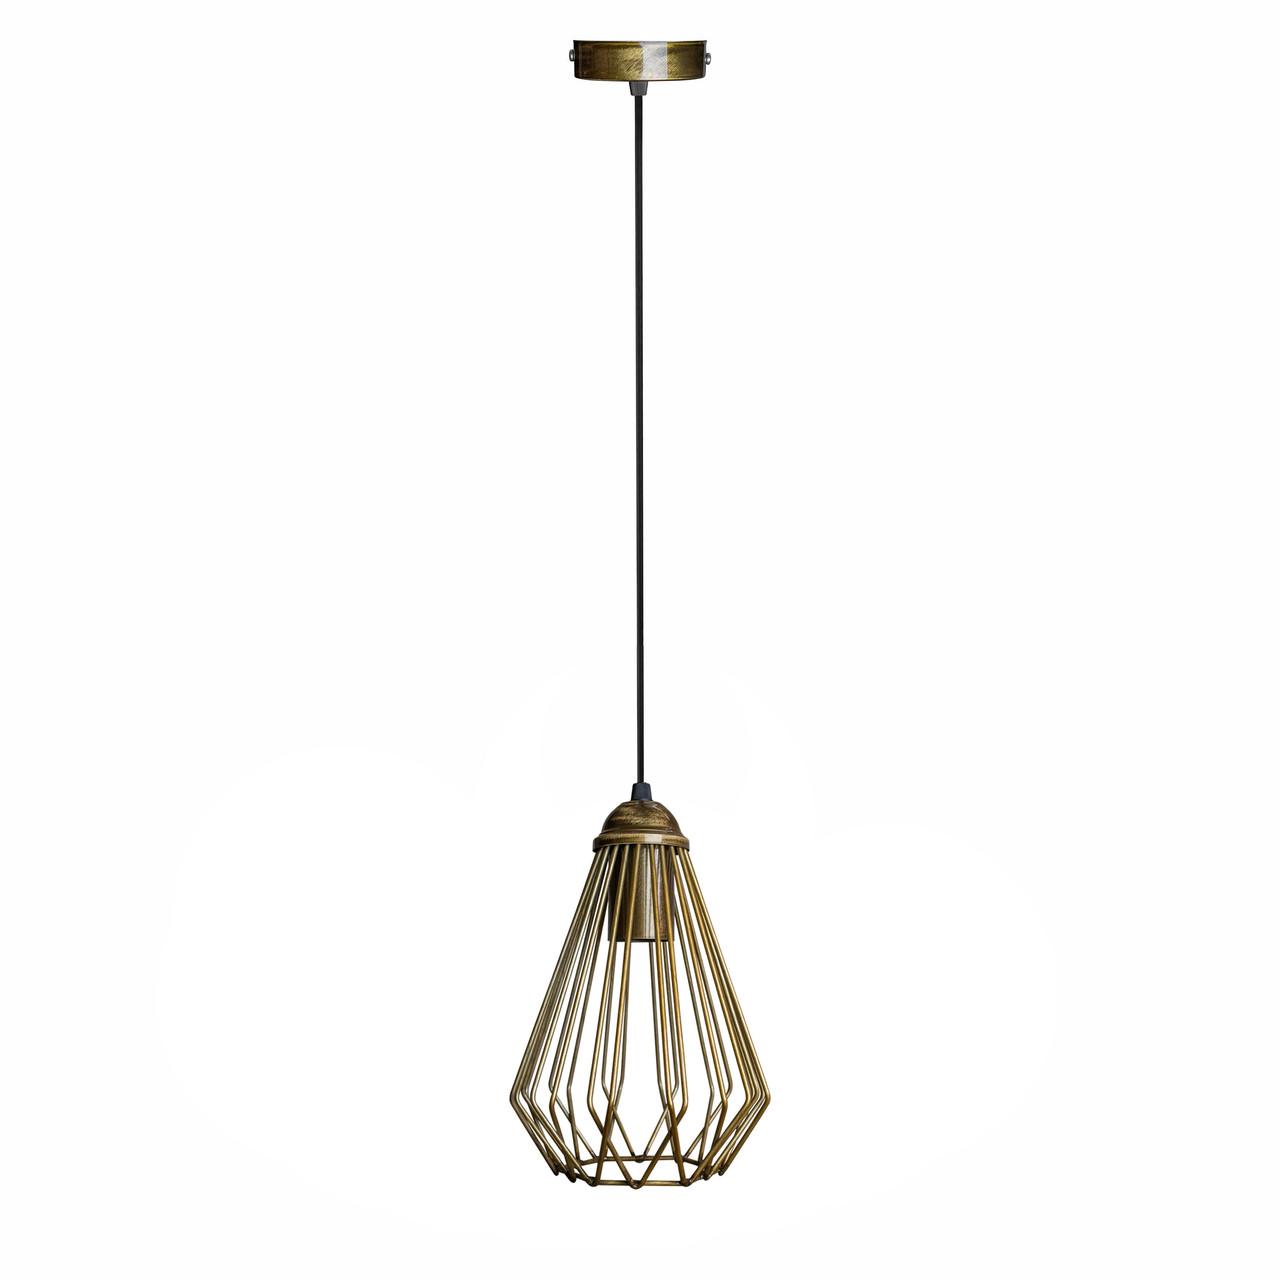 Світильник підвісний в стилі лофт NL 537 BN MSK Electric бронза